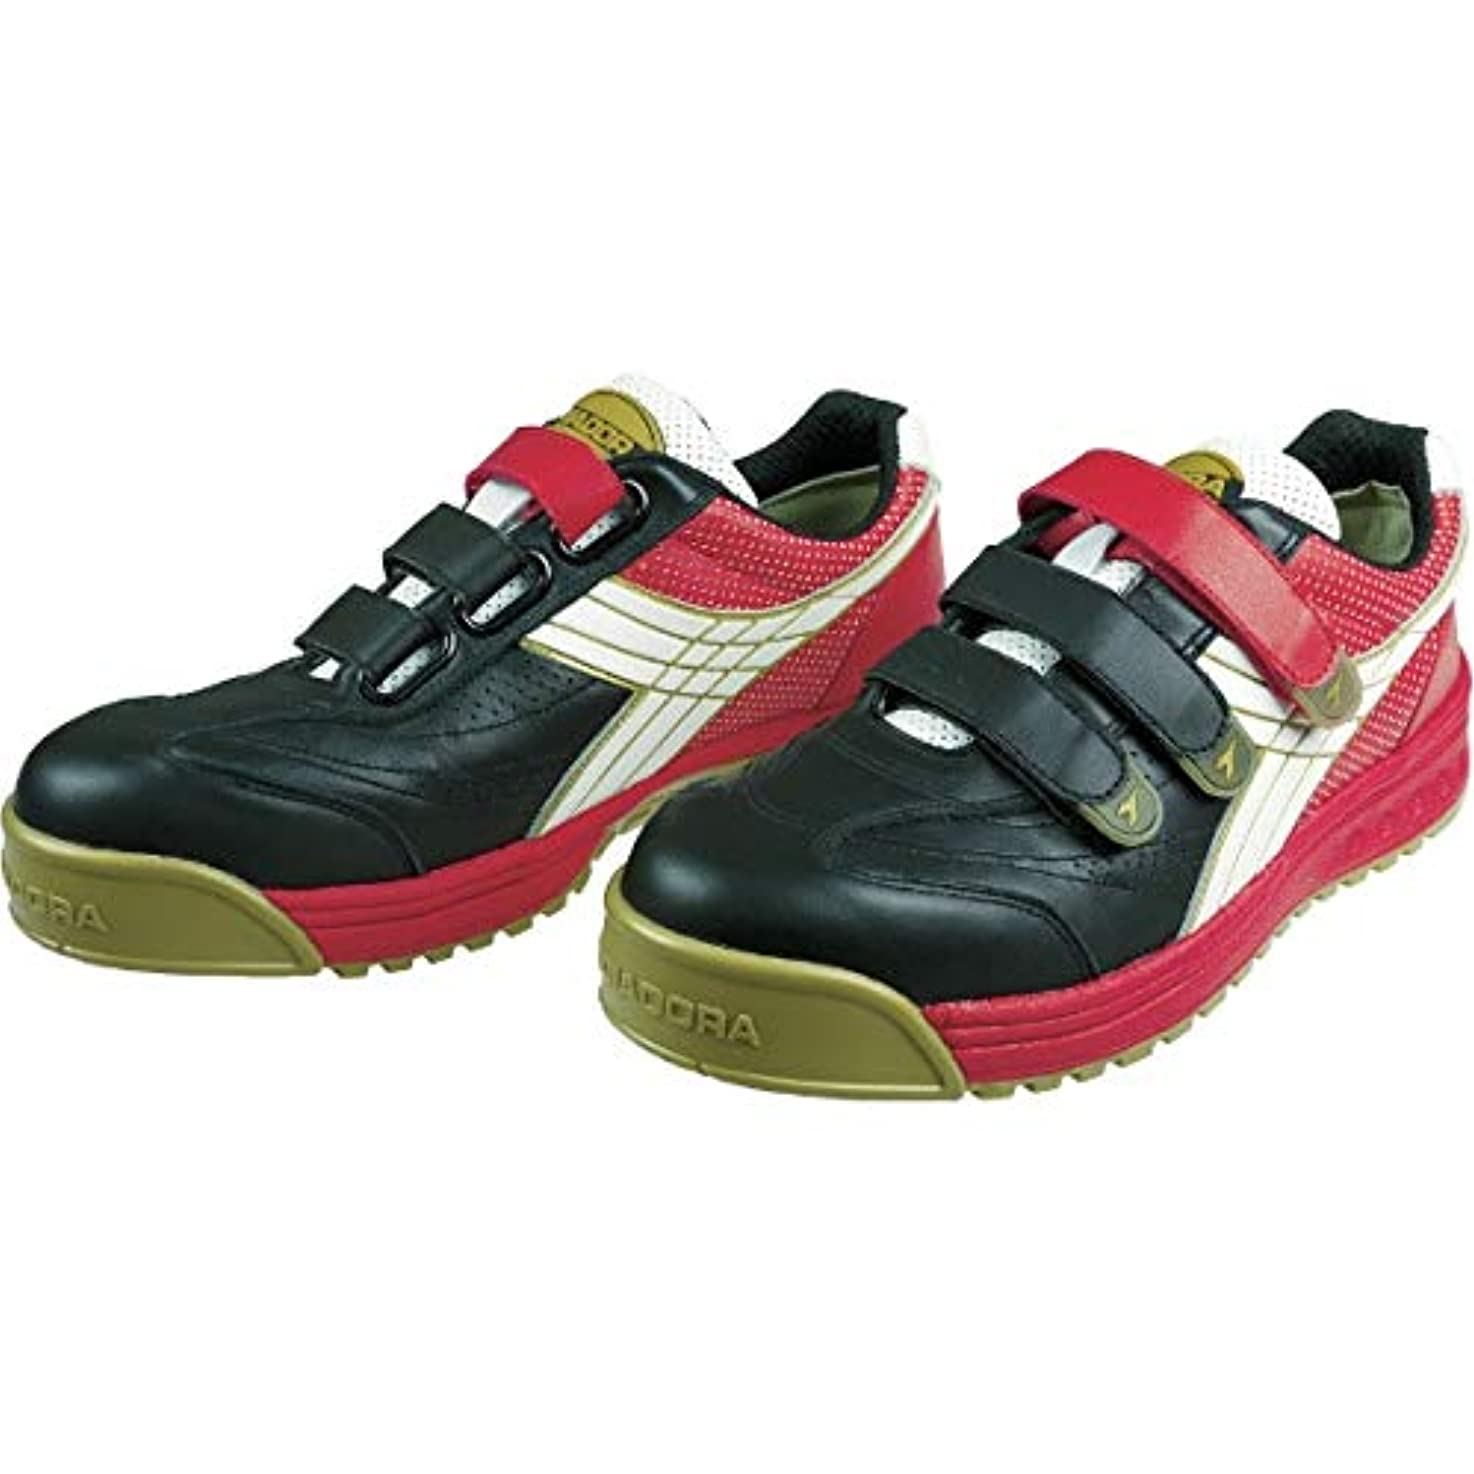 中で写真撮影さておきドンケル ディアドラ安全作業靴ロビン黒/白/赤27.0cm RB213270